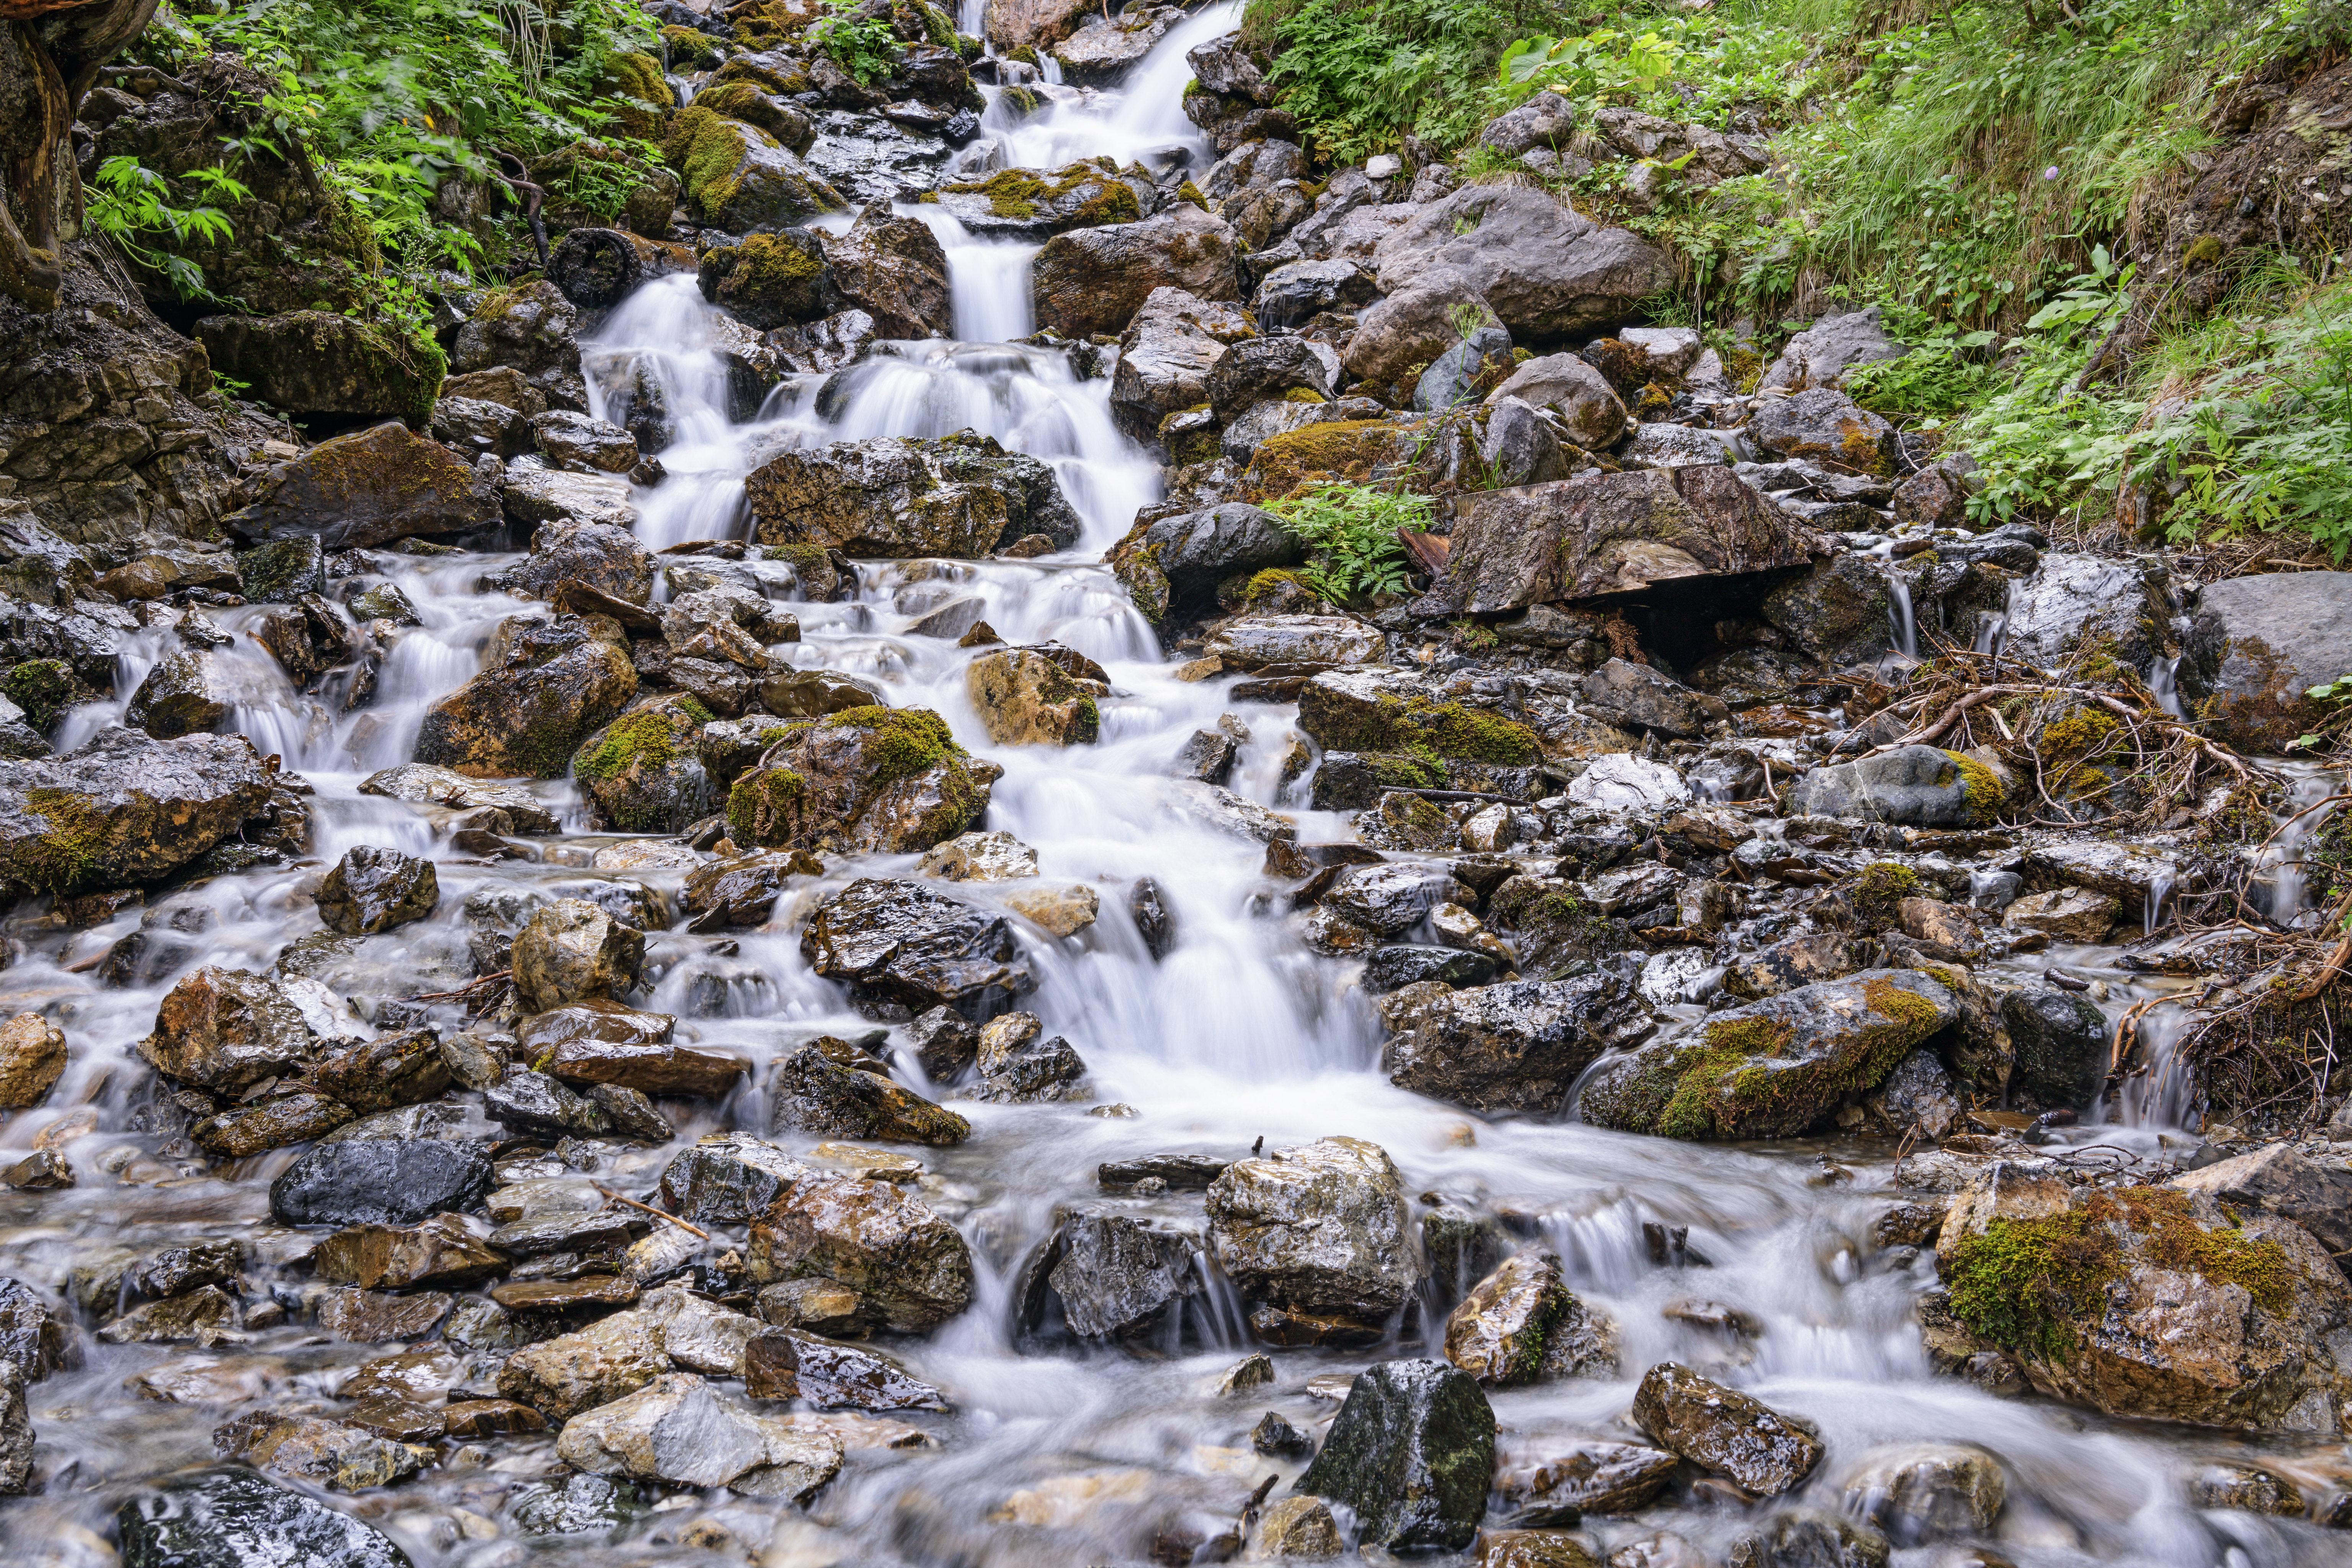 68925 скачать обои Природа, Камни, Водопад, Поток, Вода, Растения - заставки и картинки бесплатно